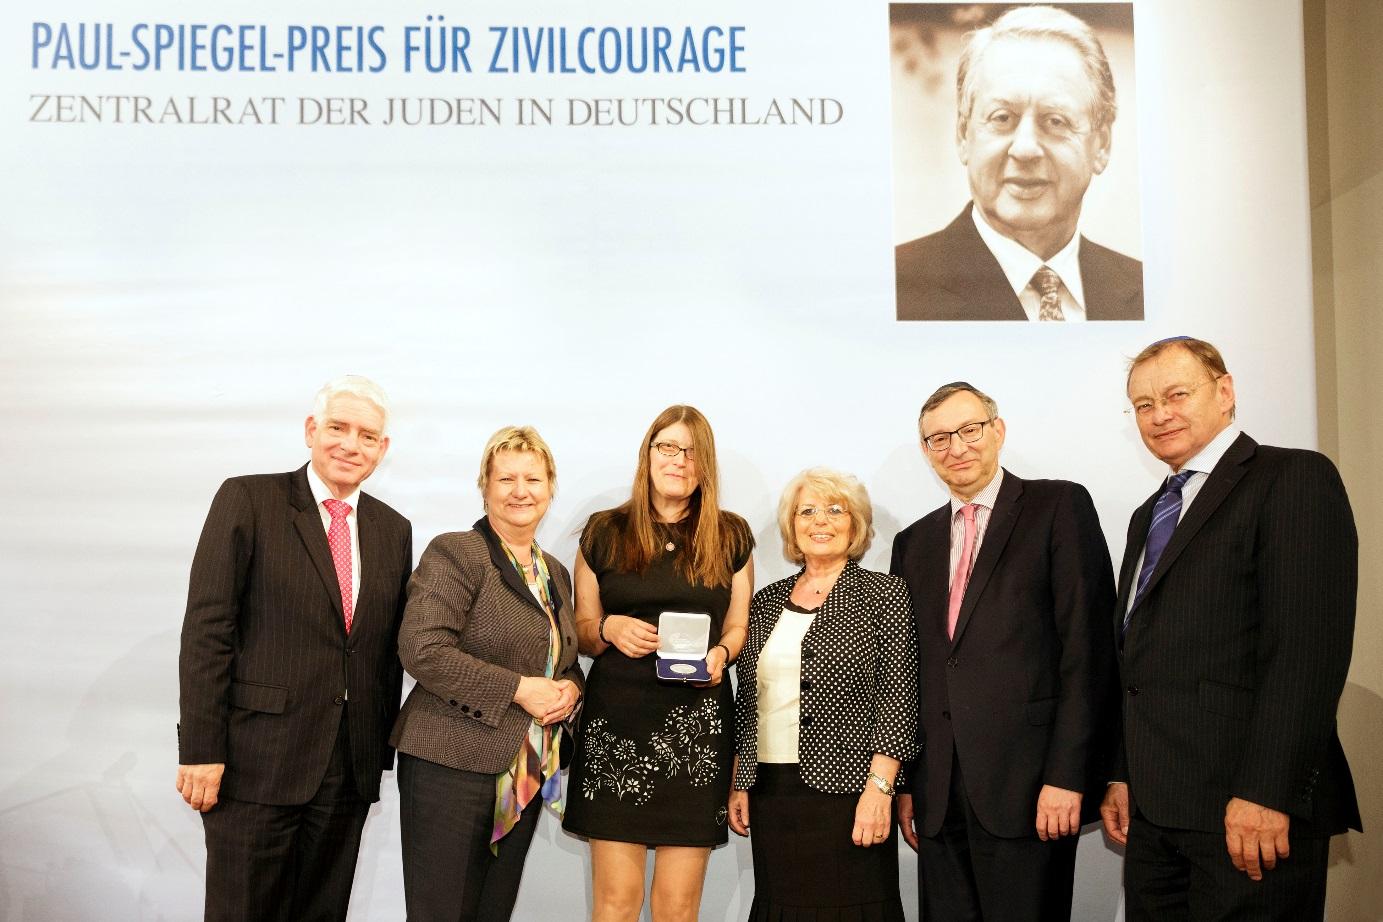 v.l. Dr. Josef Schuster, Sylvia Löhrmann, Andrea Röpke, Gisèle Spiegel, Abraham Lehrer, Manfred Funke